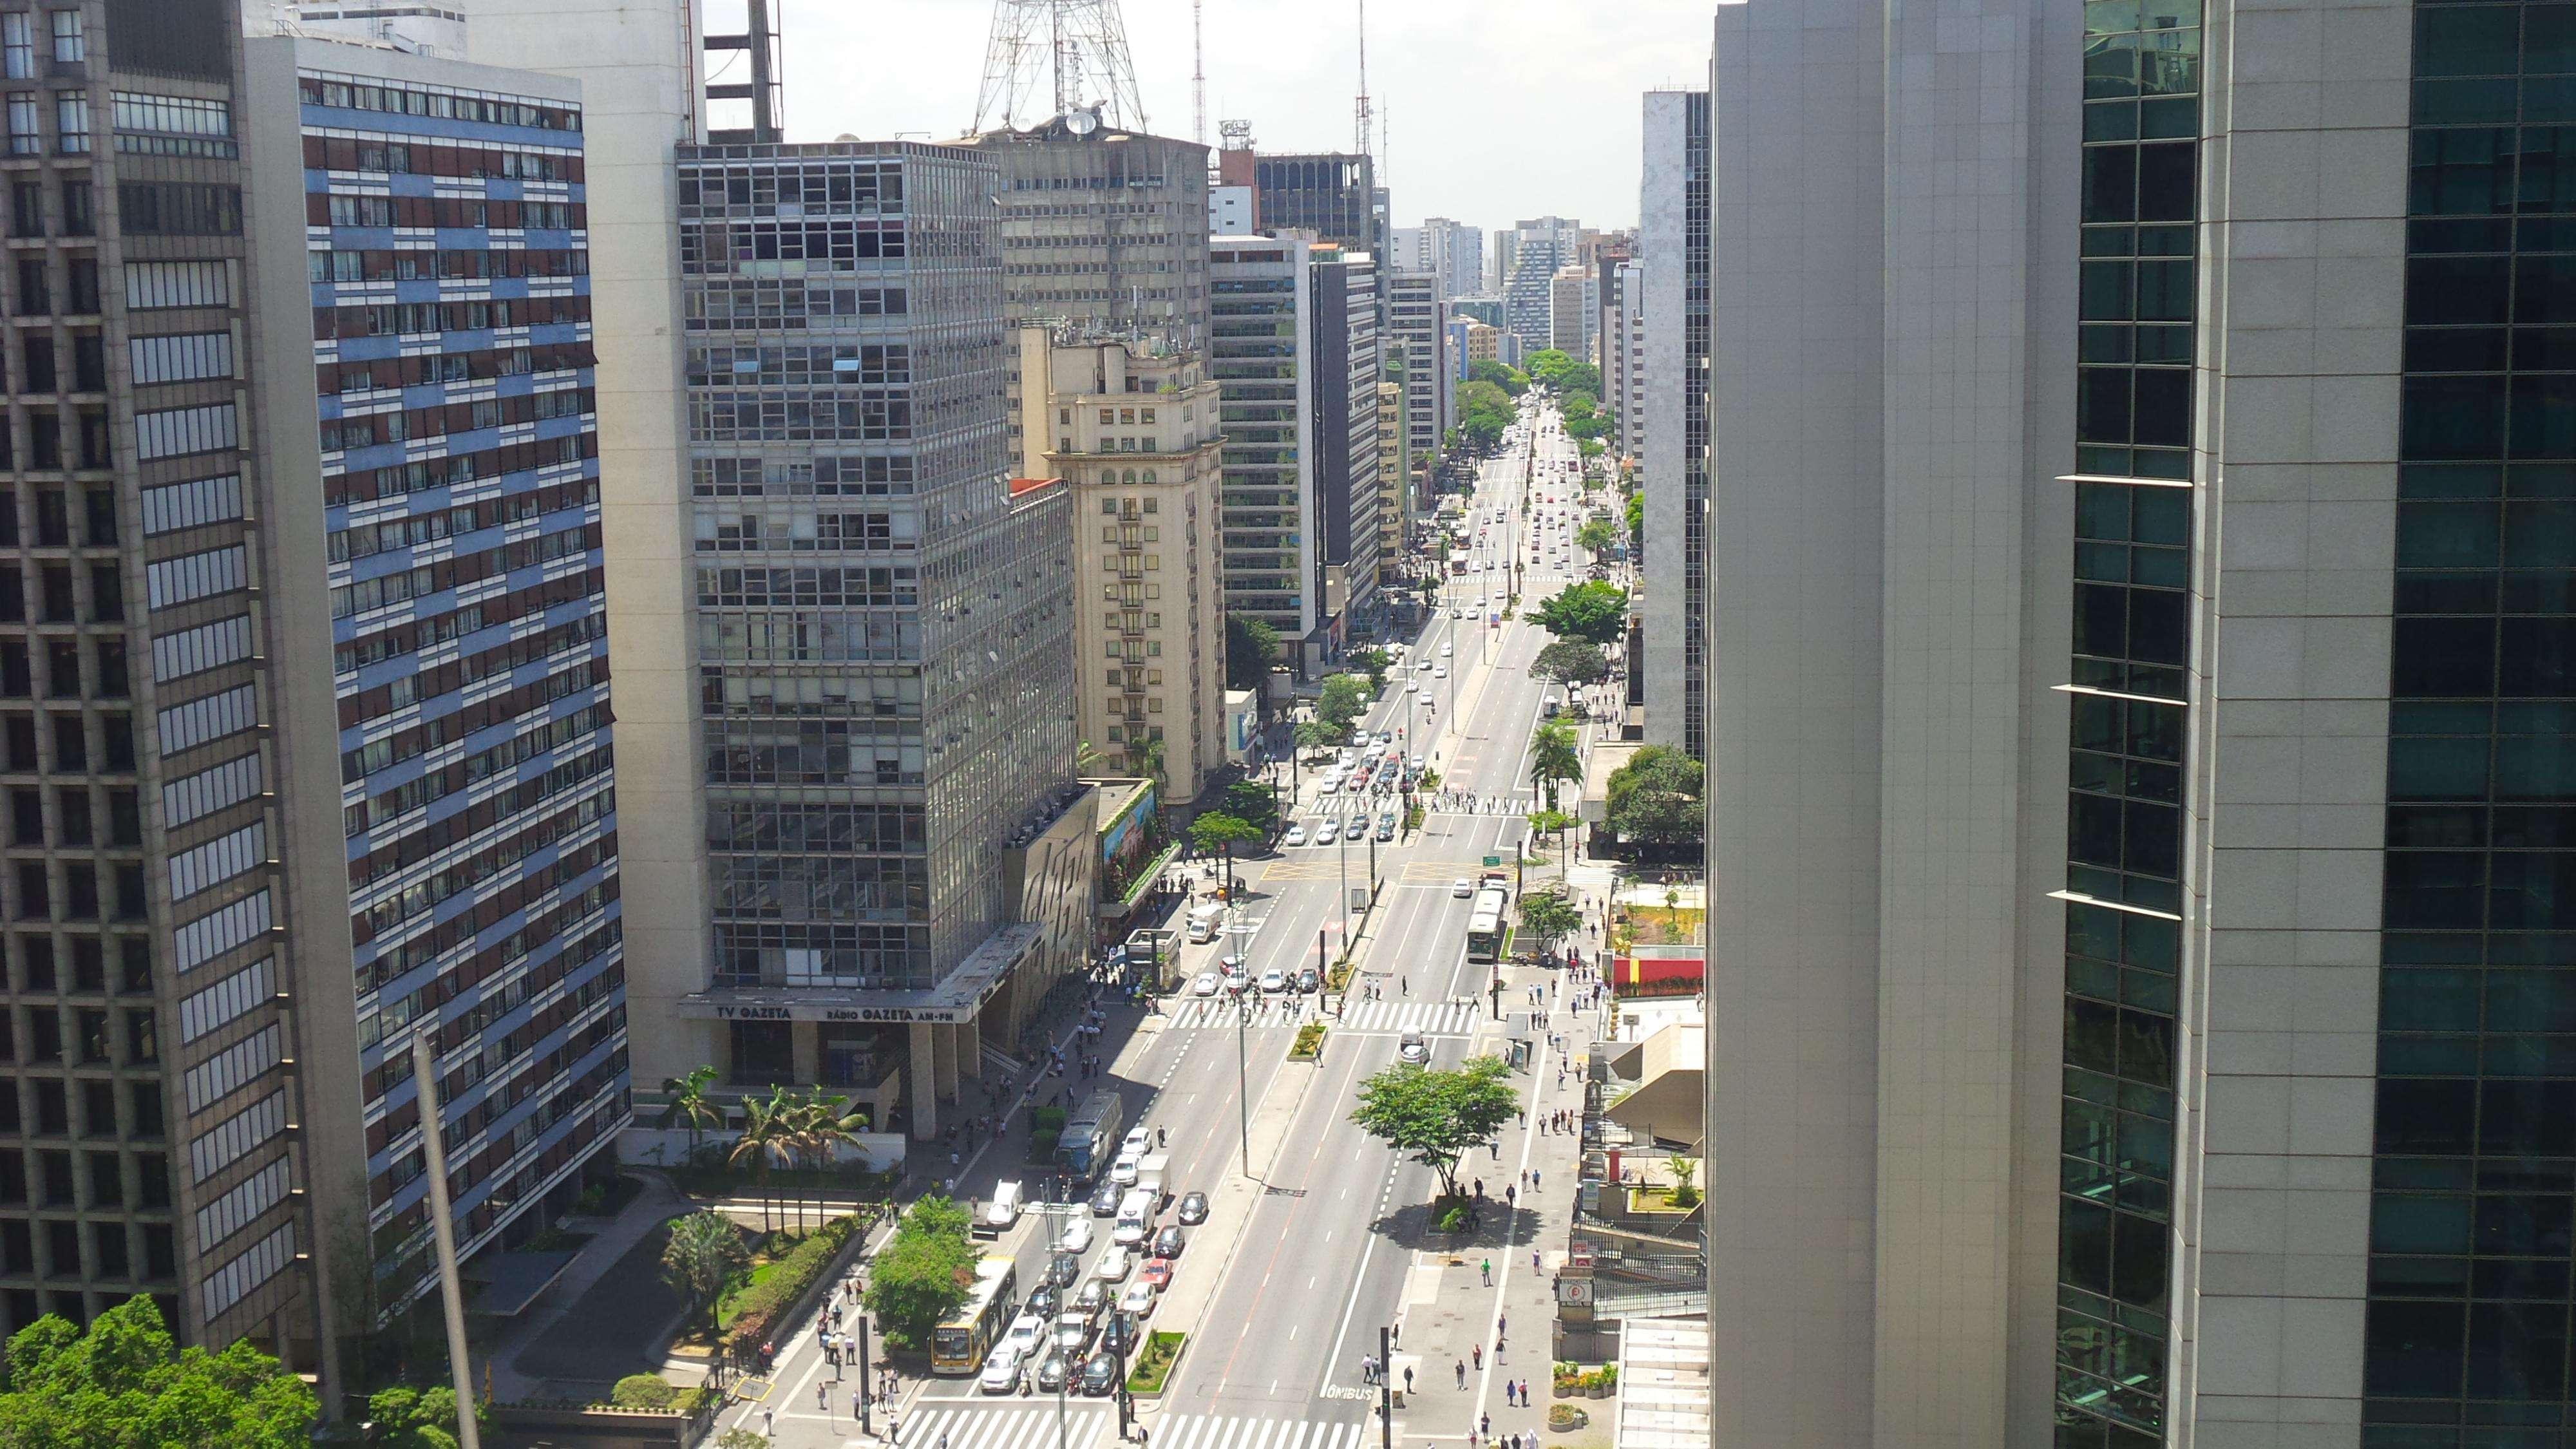 """Avenida Paulista com alameda Campinas, em SP, seria ponto de queda de avião prevista por """"premonitor"""" Foto: Janaina Garcia/Terra"""